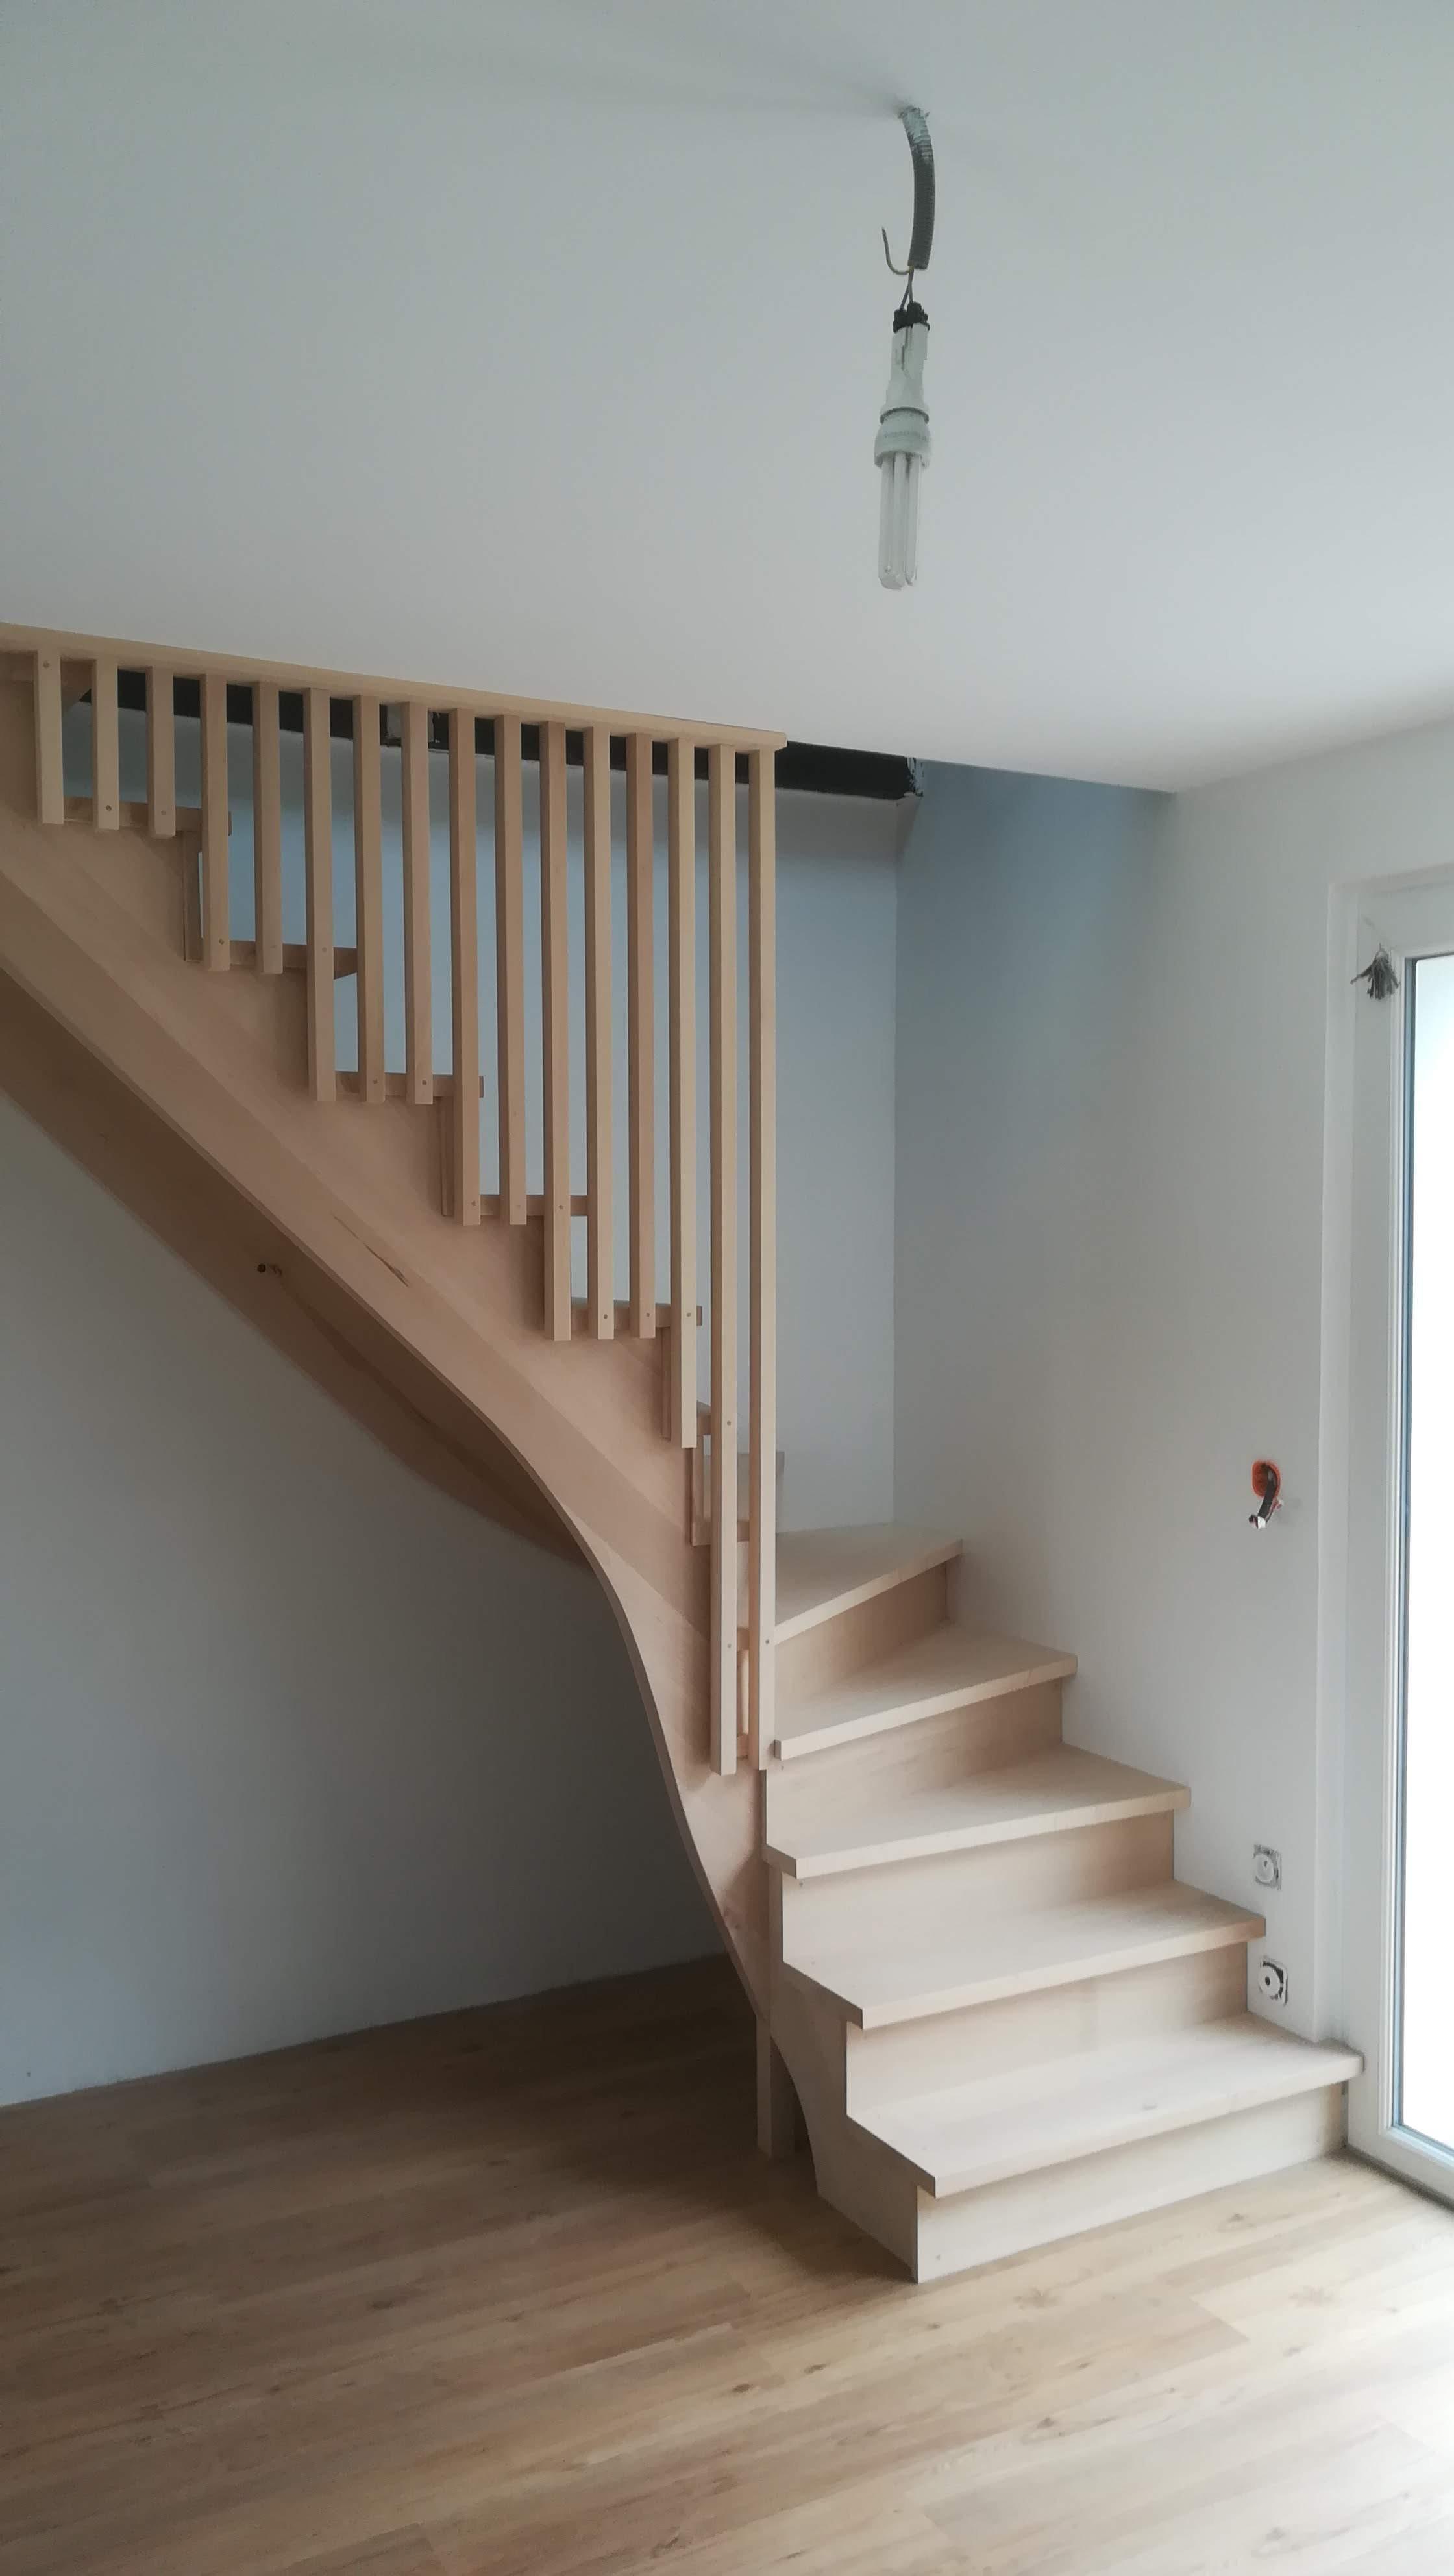 Escalier hêtre 1/4 tournant sur Linxe - Absolu Bois Menuiserie